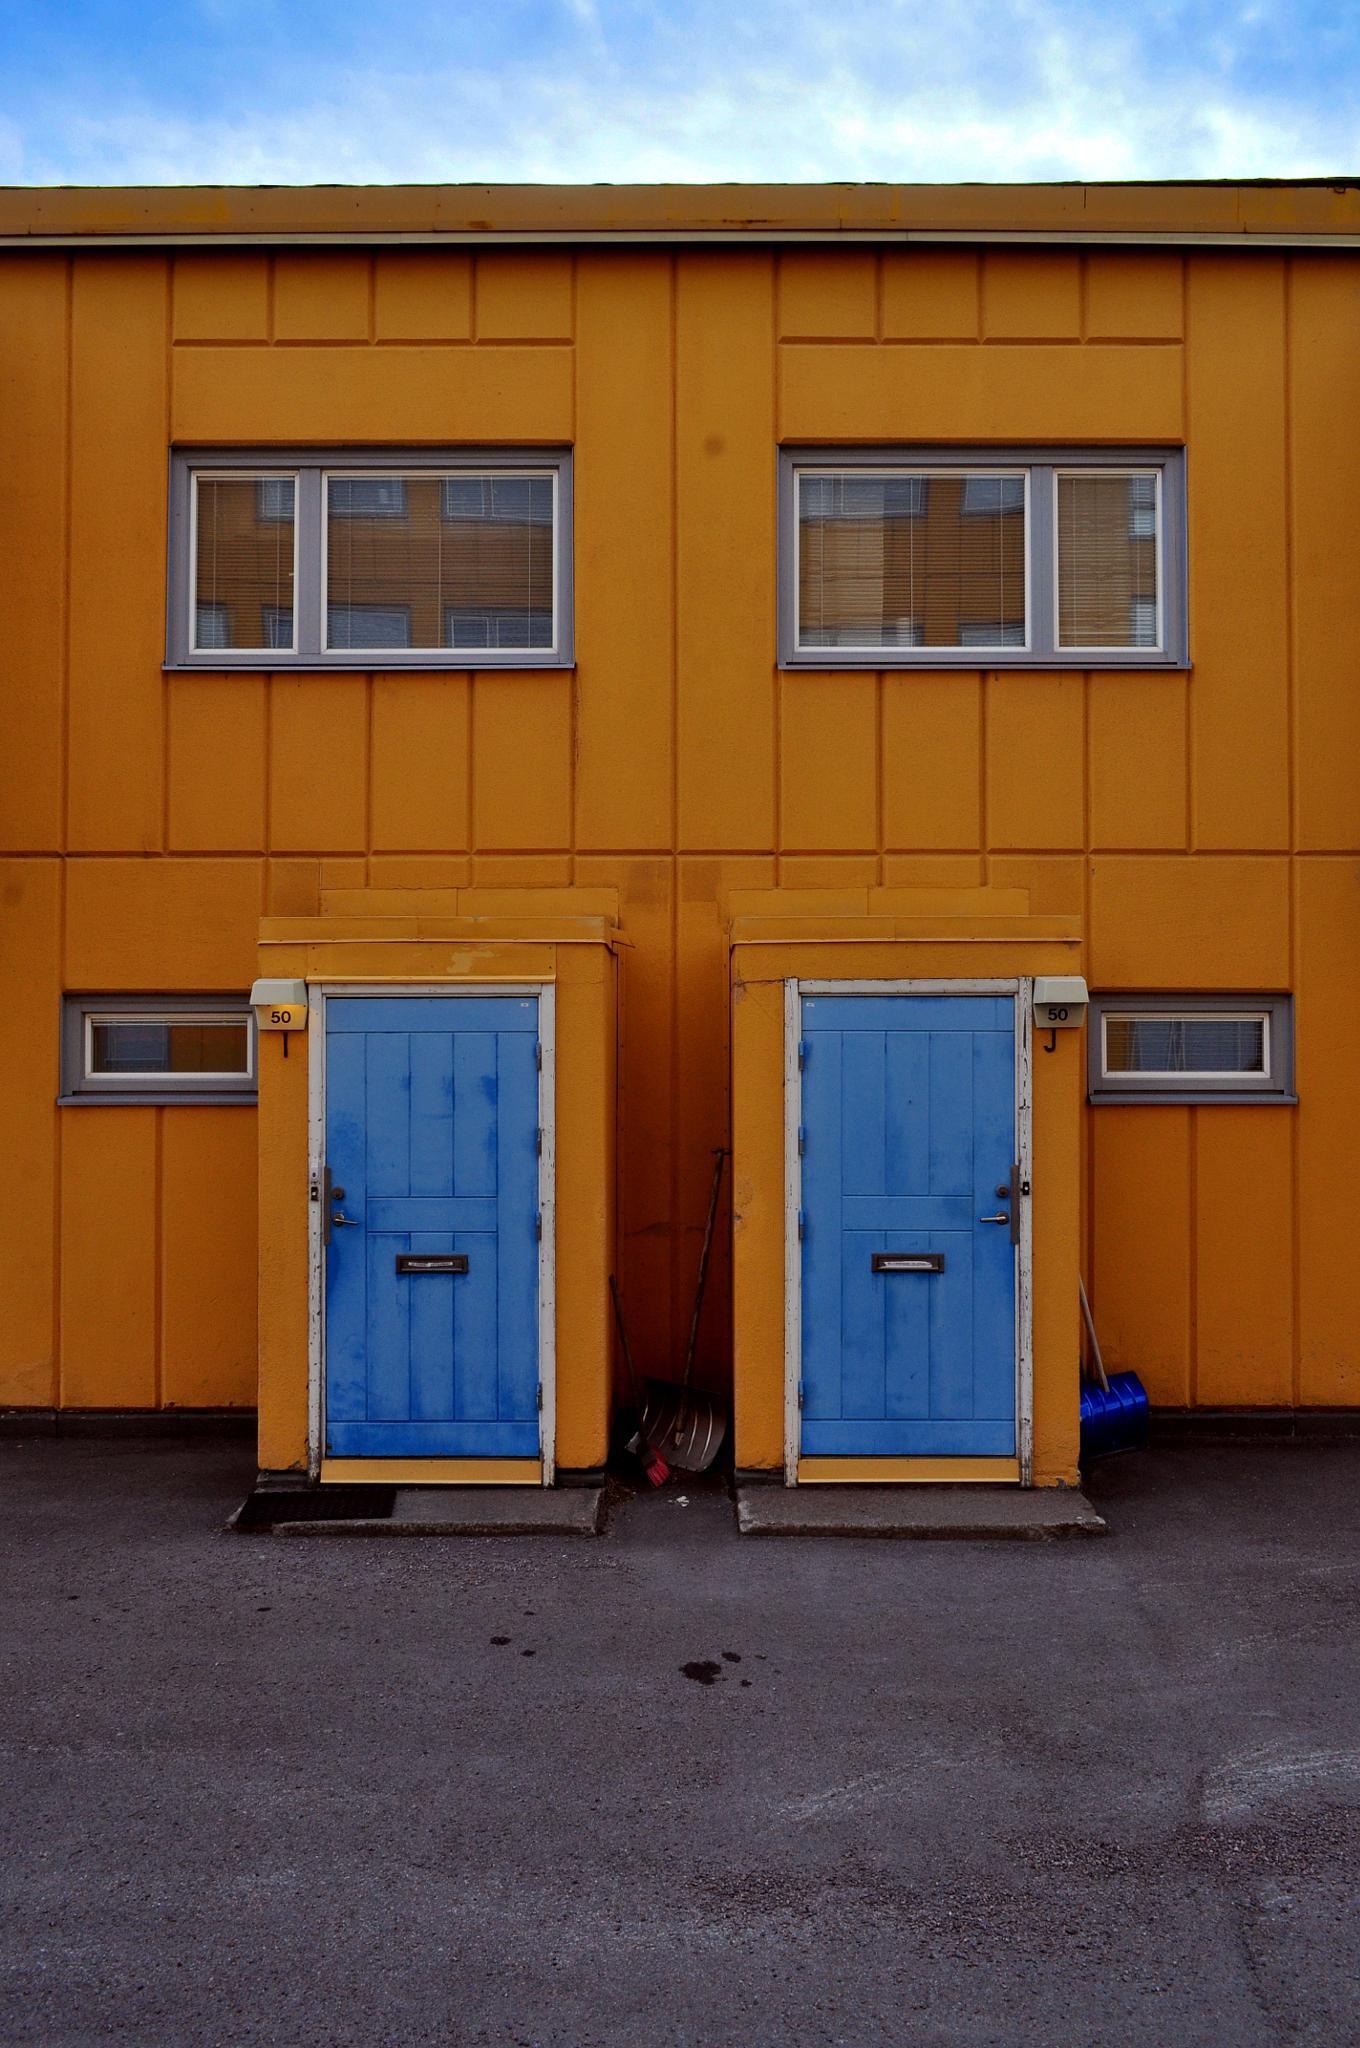 The Twins by ibrahim mahmood